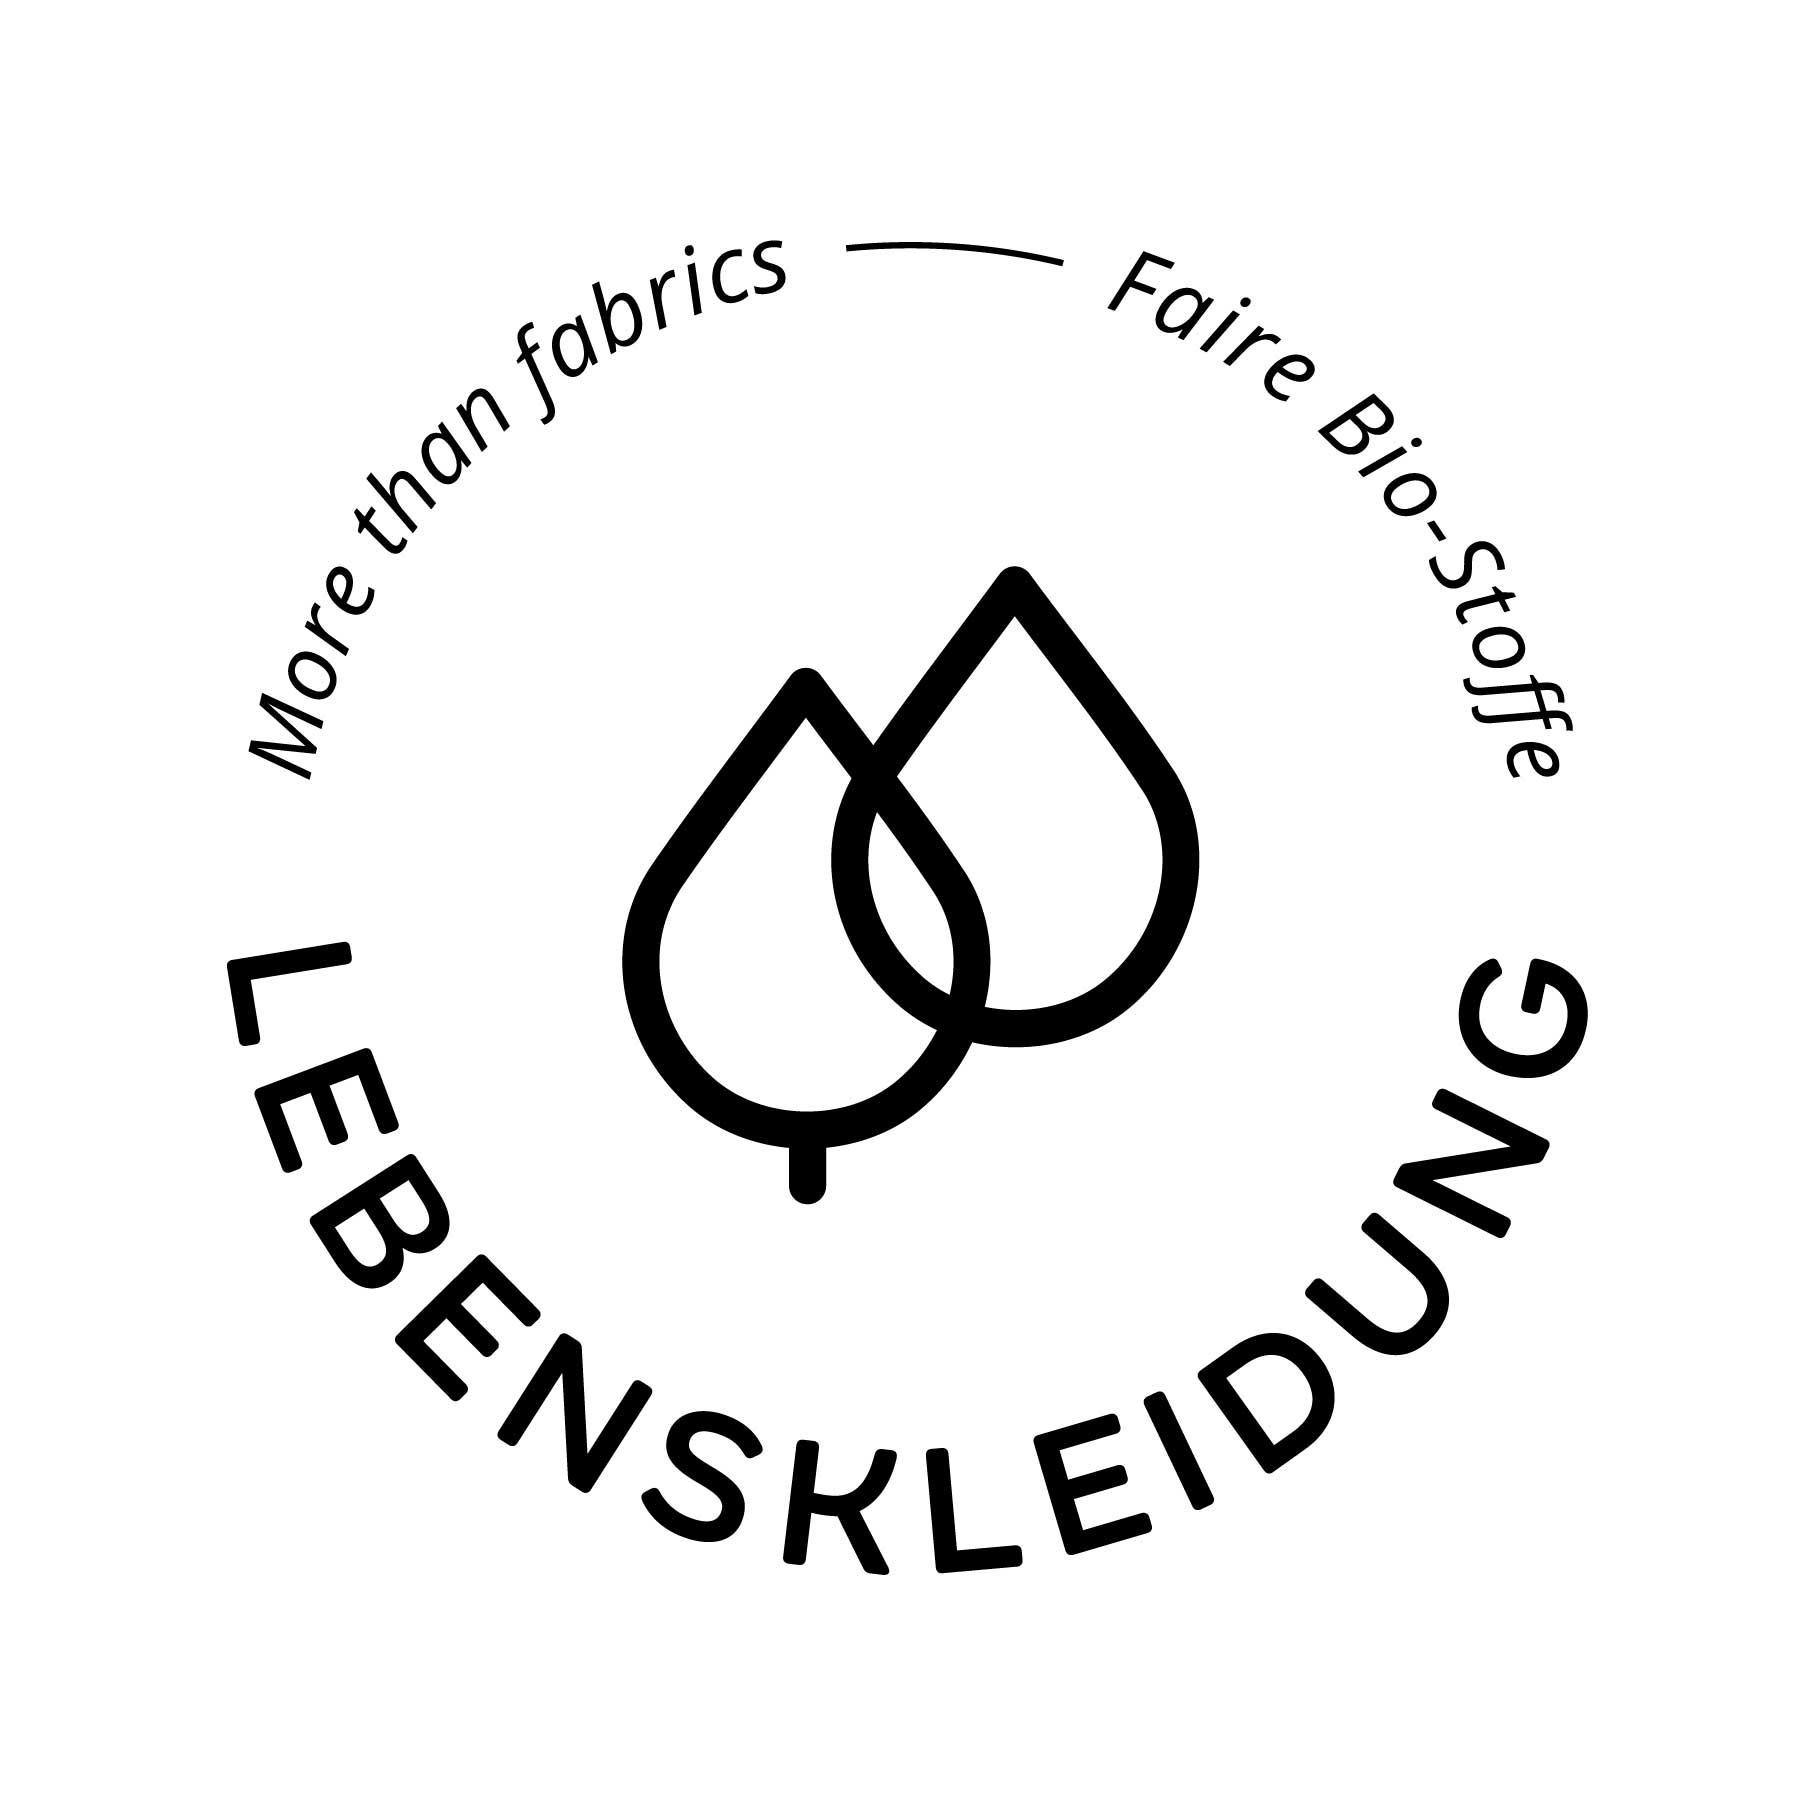 Bio Tessuto di RIB 2x1 (Polsino) - Screziato - Scuro-2